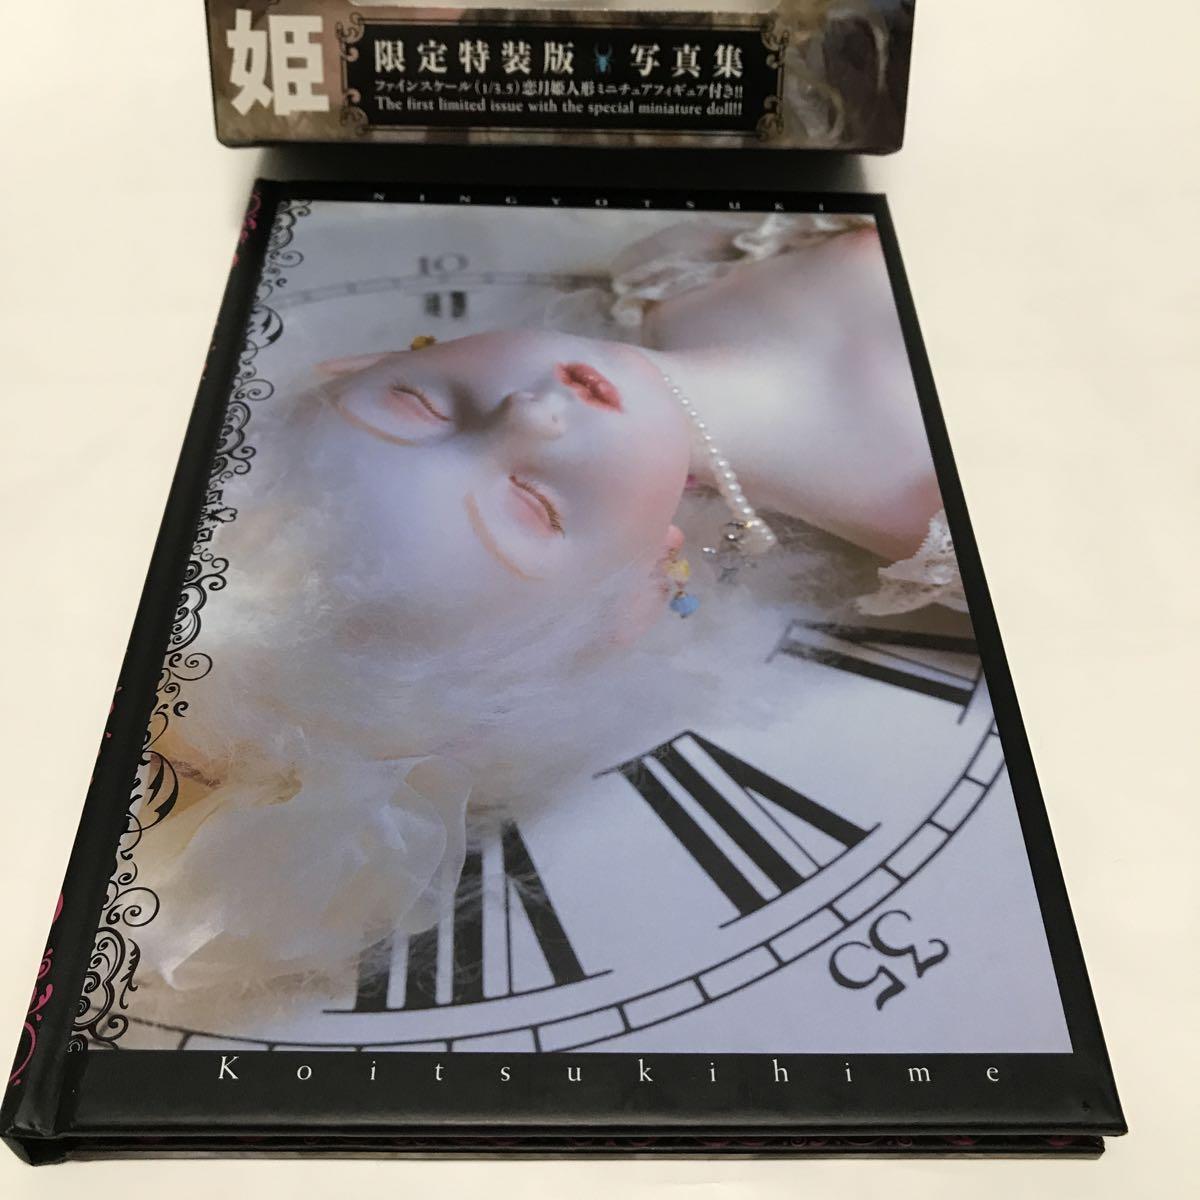 人形月 恋月姫 限定特装版 写真集 サイン本 ミニチュアフィギュア付き 新品同様美品_画像4